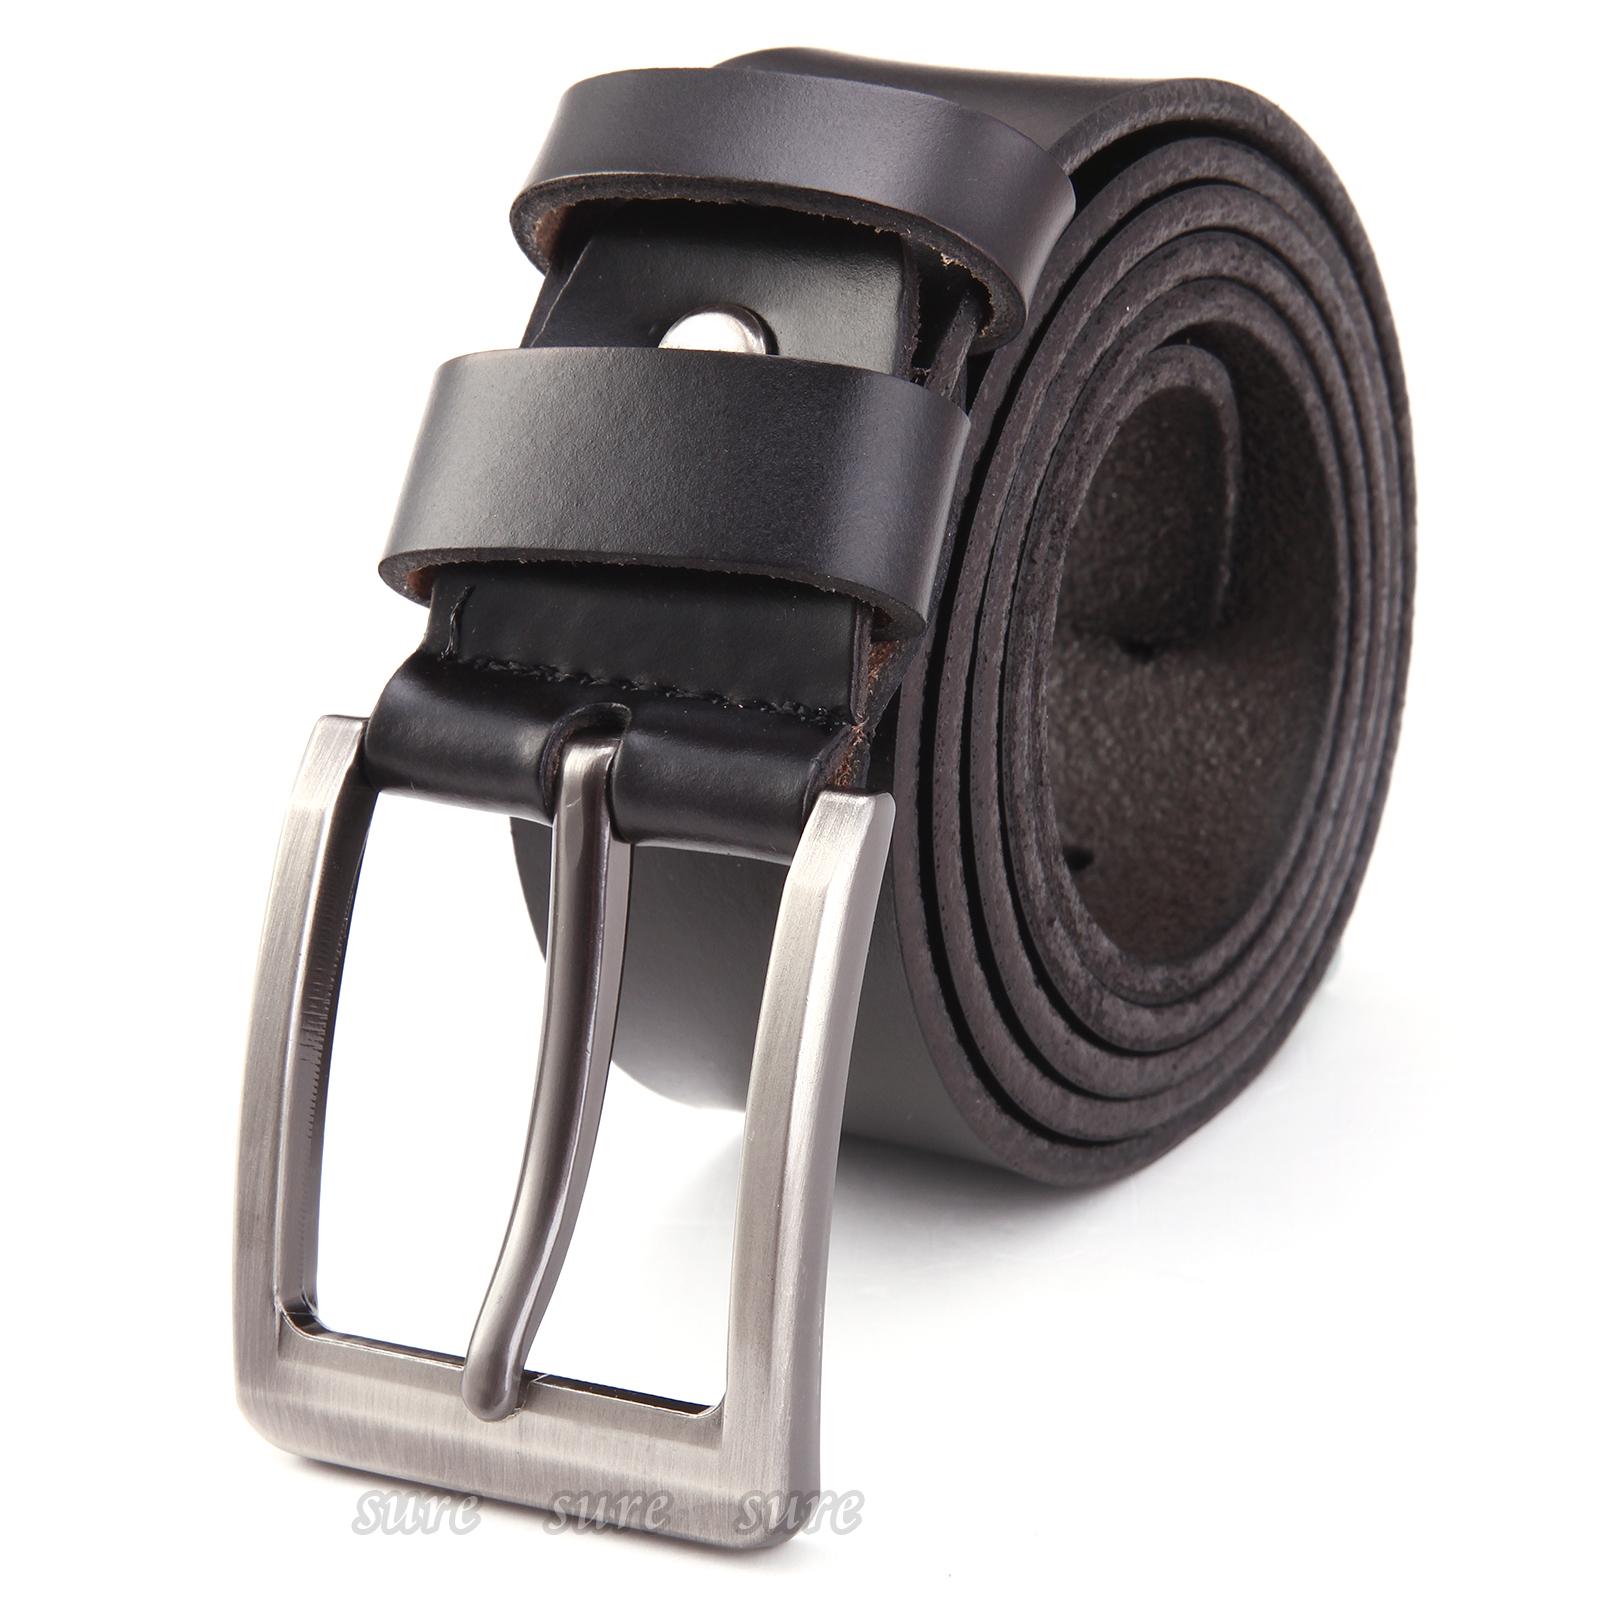 herren echt leder g rtel mann jeans hose shorts lederg rtel schnalle 3 8cm breit ebay. Black Bedroom Furniture Sets. Home Design Ideas